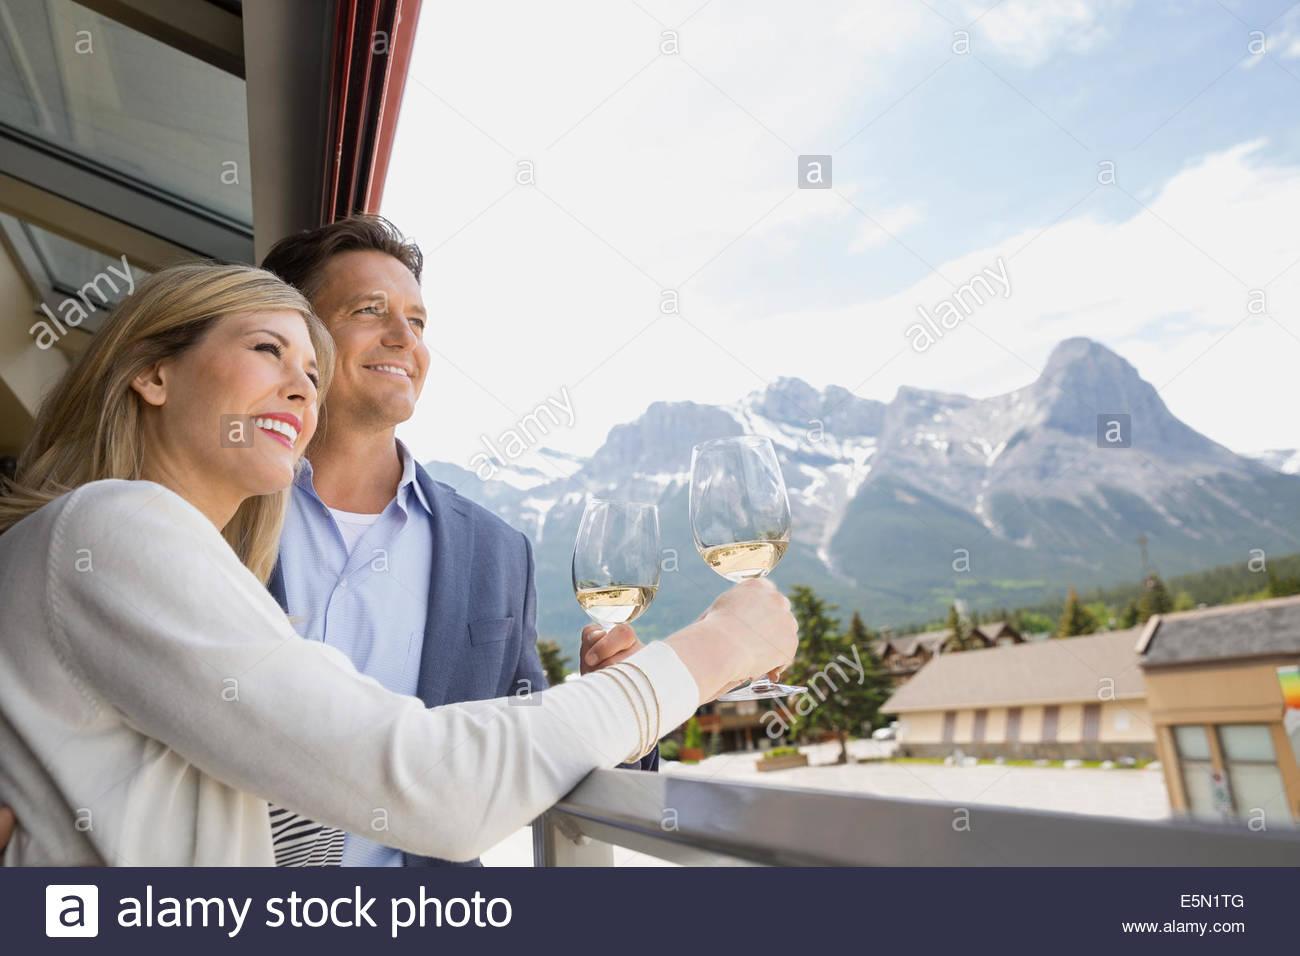 Couple drinking wine sur balcon avec vue sur la montagne Photo Stock